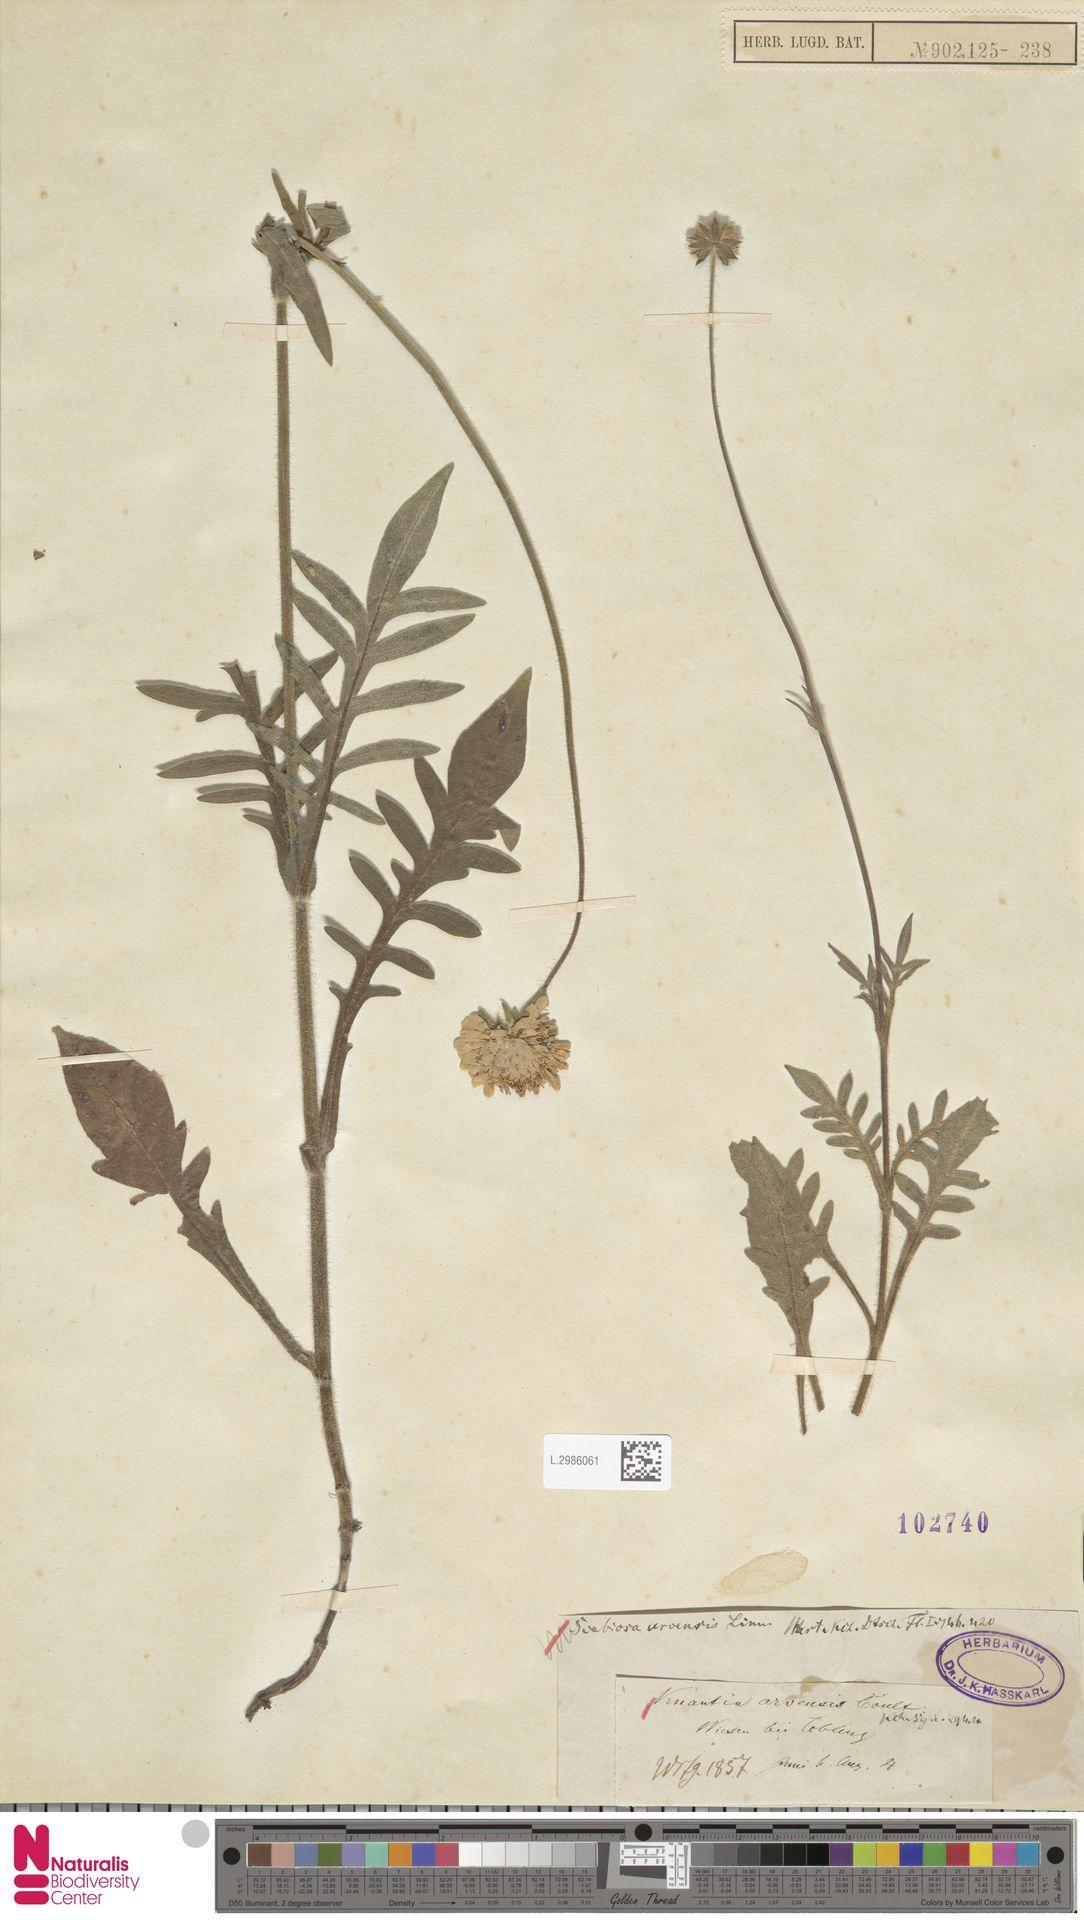 L.2986061   Knautia arvensis (L.) Coult.